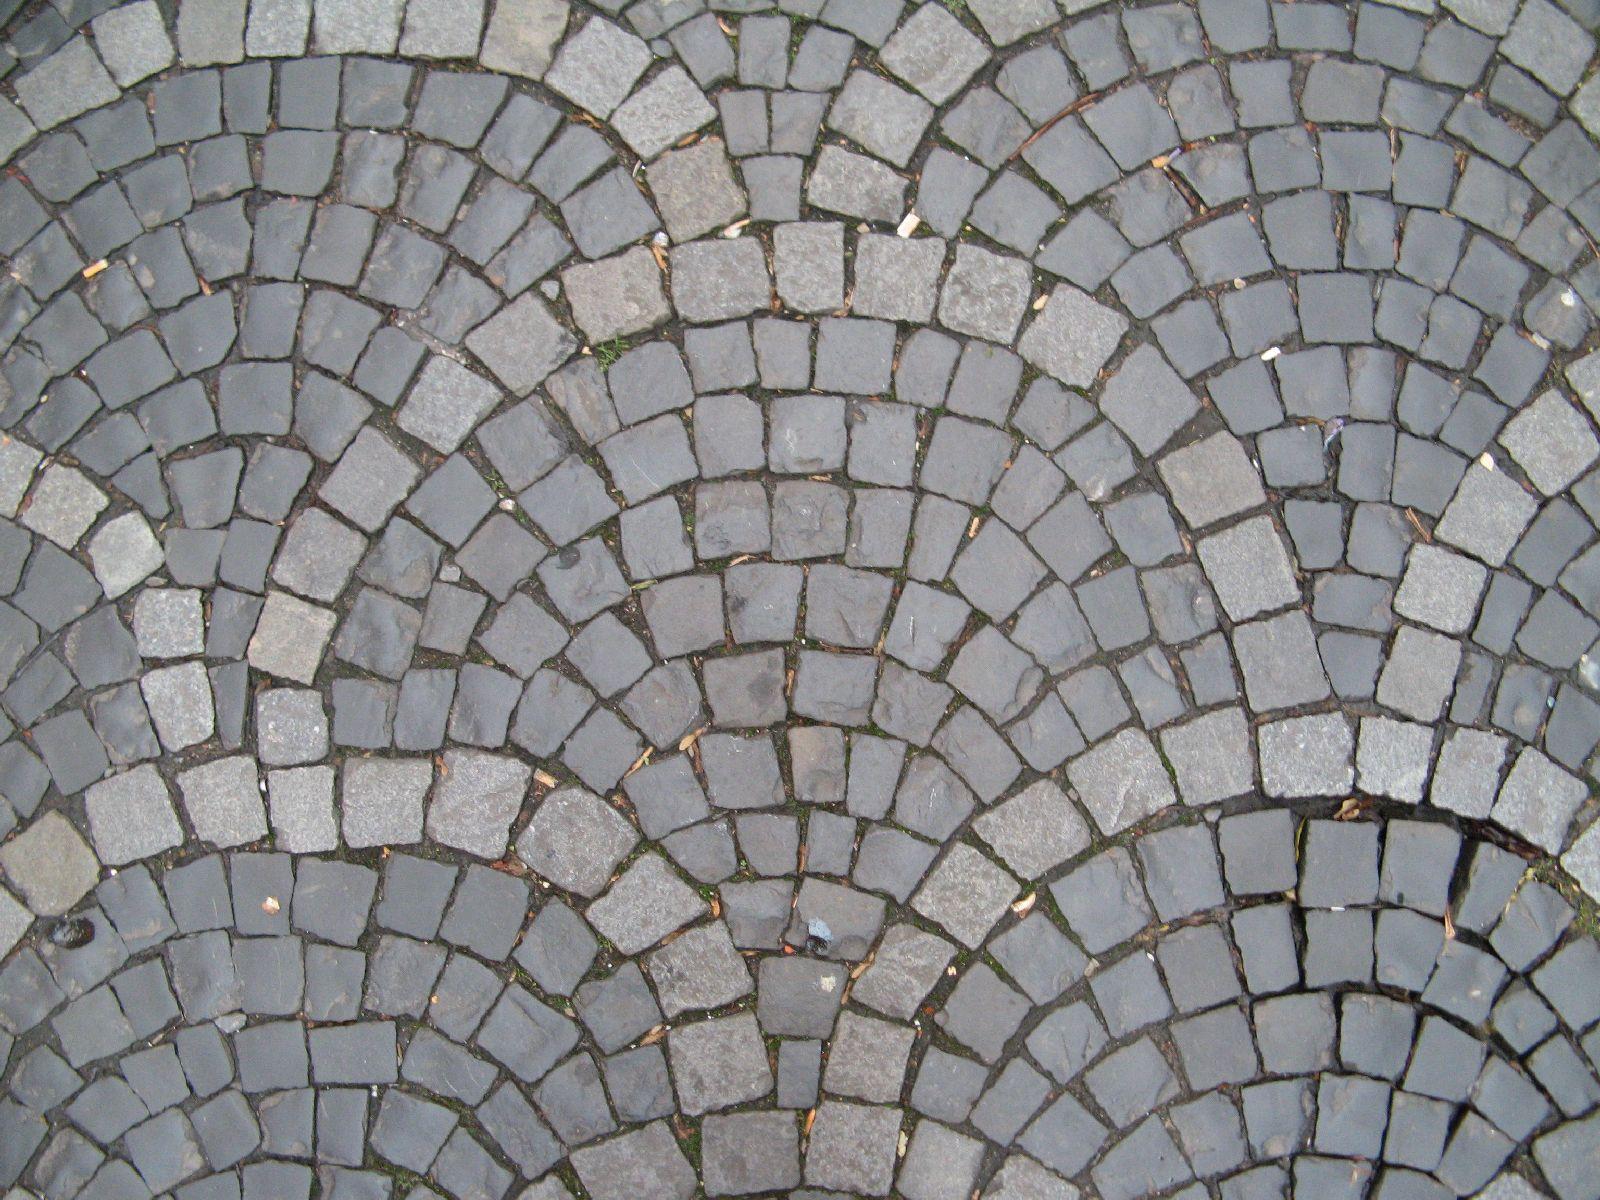 Boden-Gehweg-Strasse-Buergersteig-Textur_B_1501